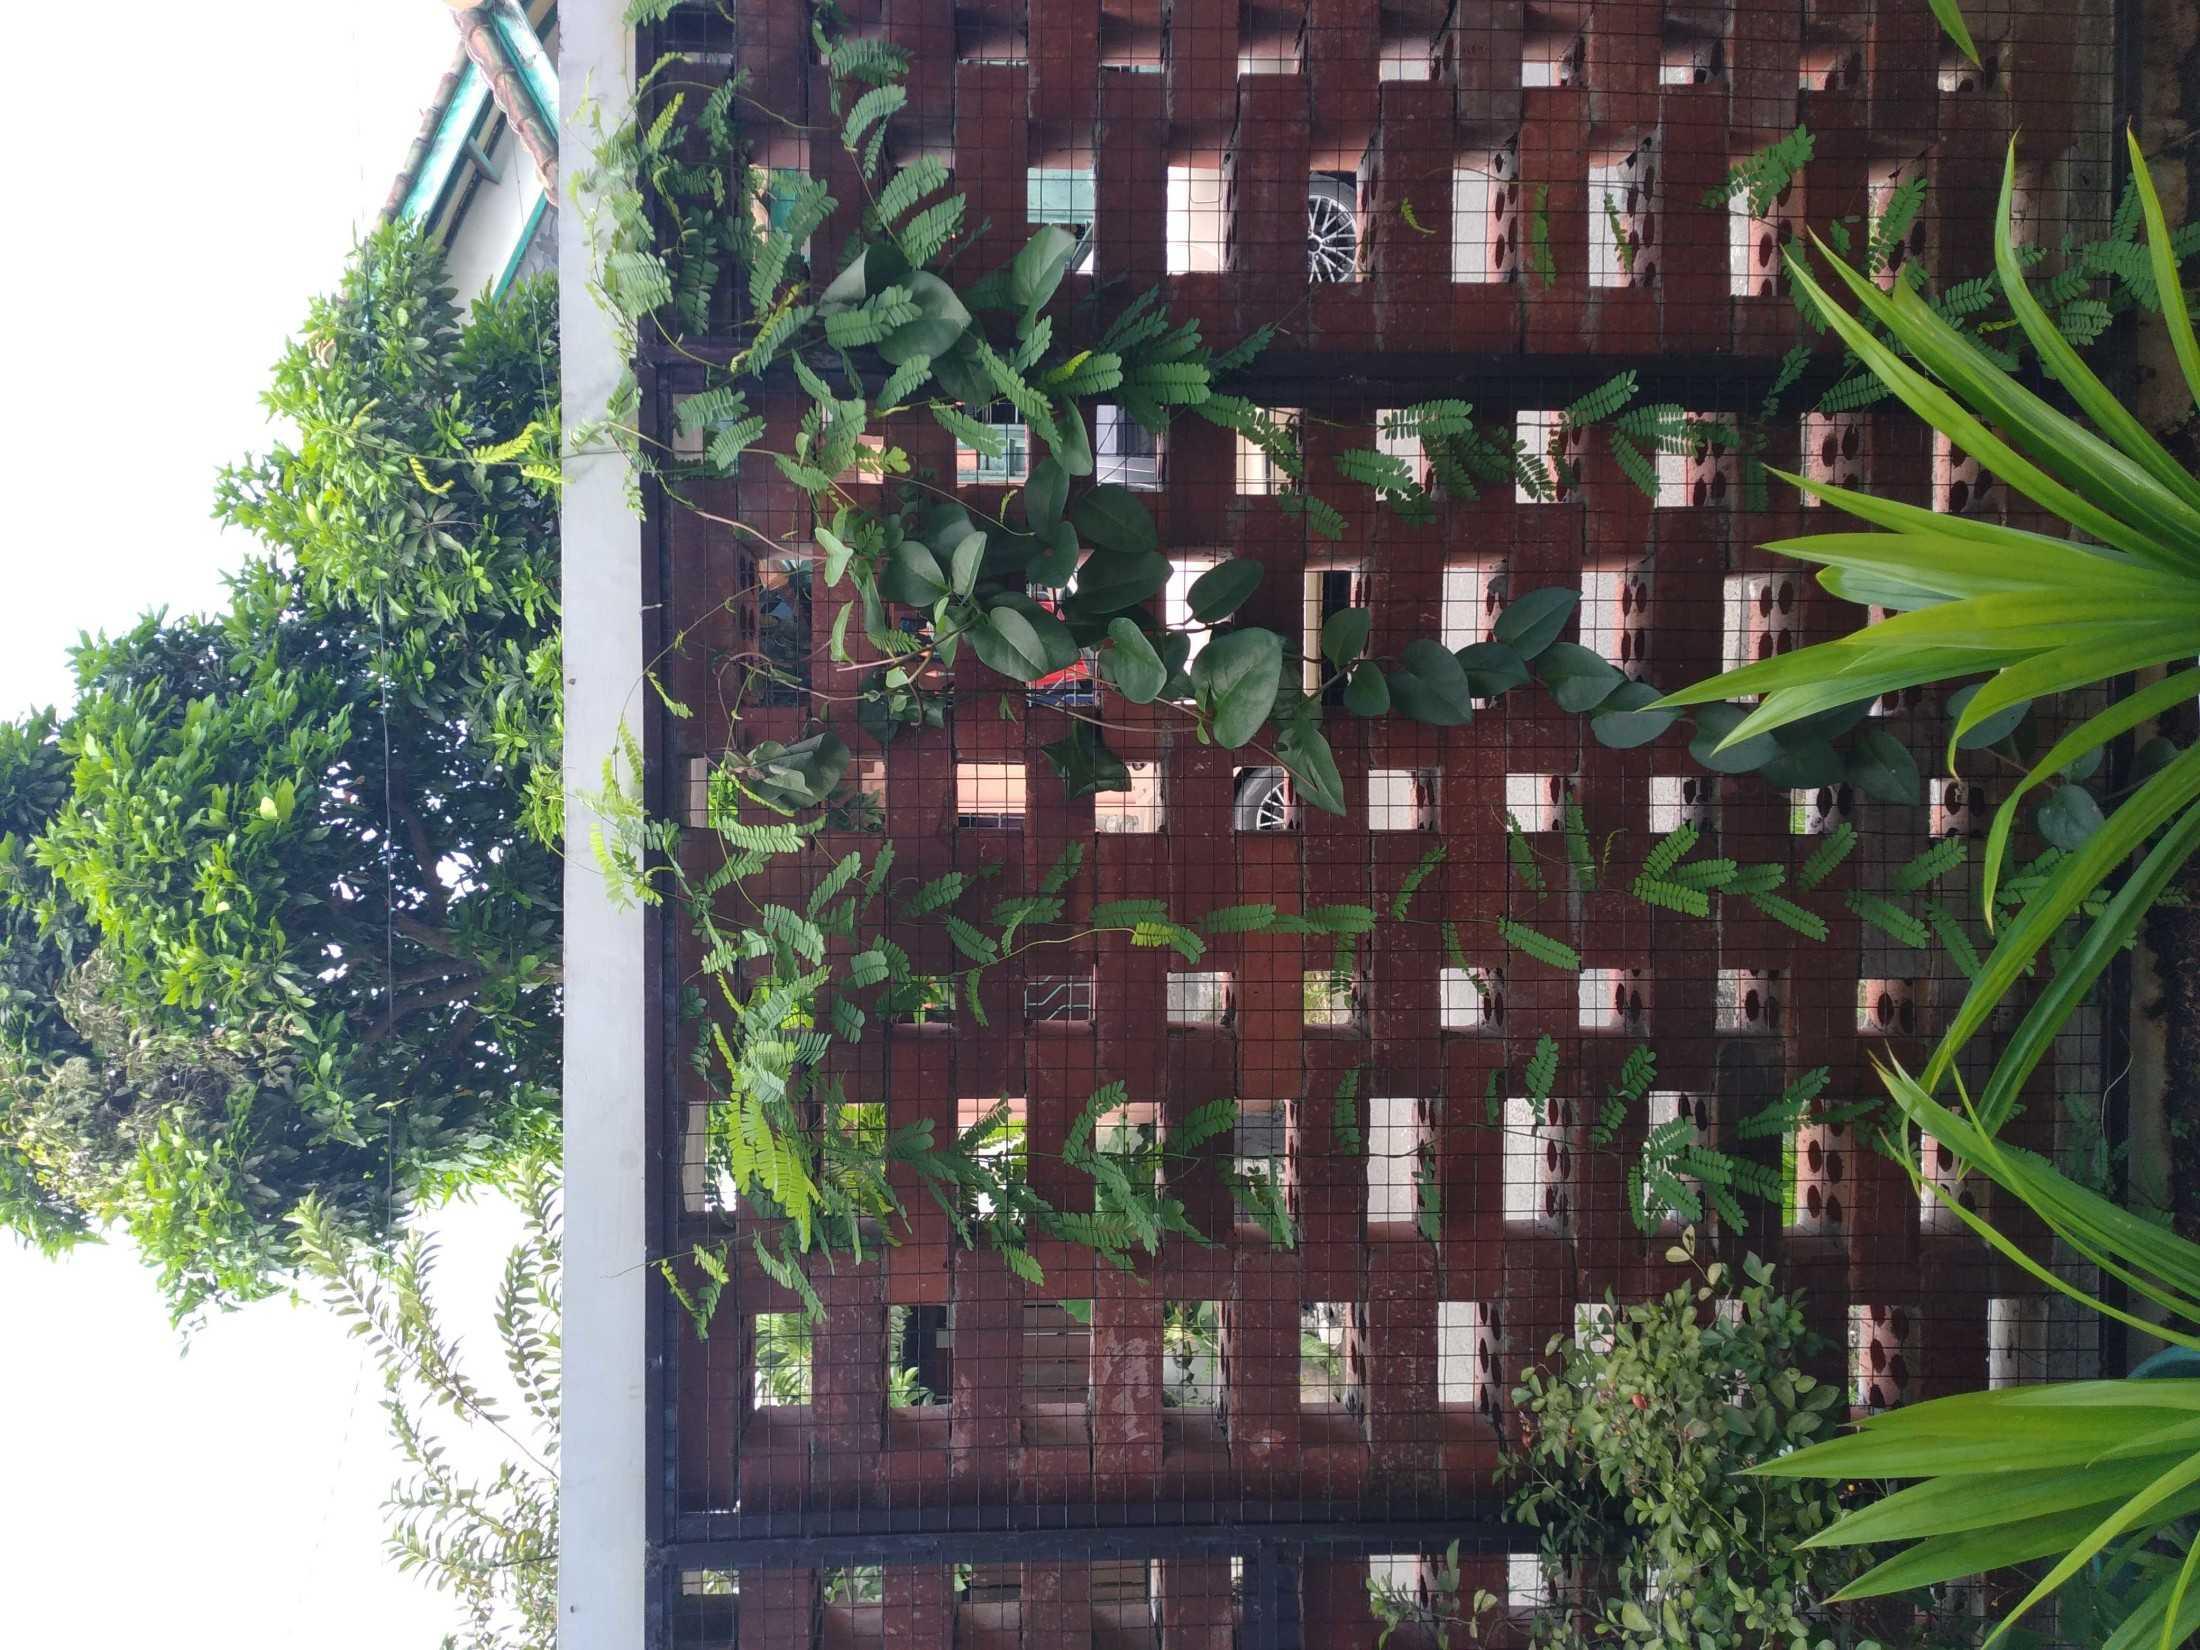 Mth29 Design [Design] Dr House - Bogor Bogor, Jawa Barat, Indonesia Bogor, Jawa Barat, Indonesia Mth29-Design-Design-Dr-House-Bogor  110819